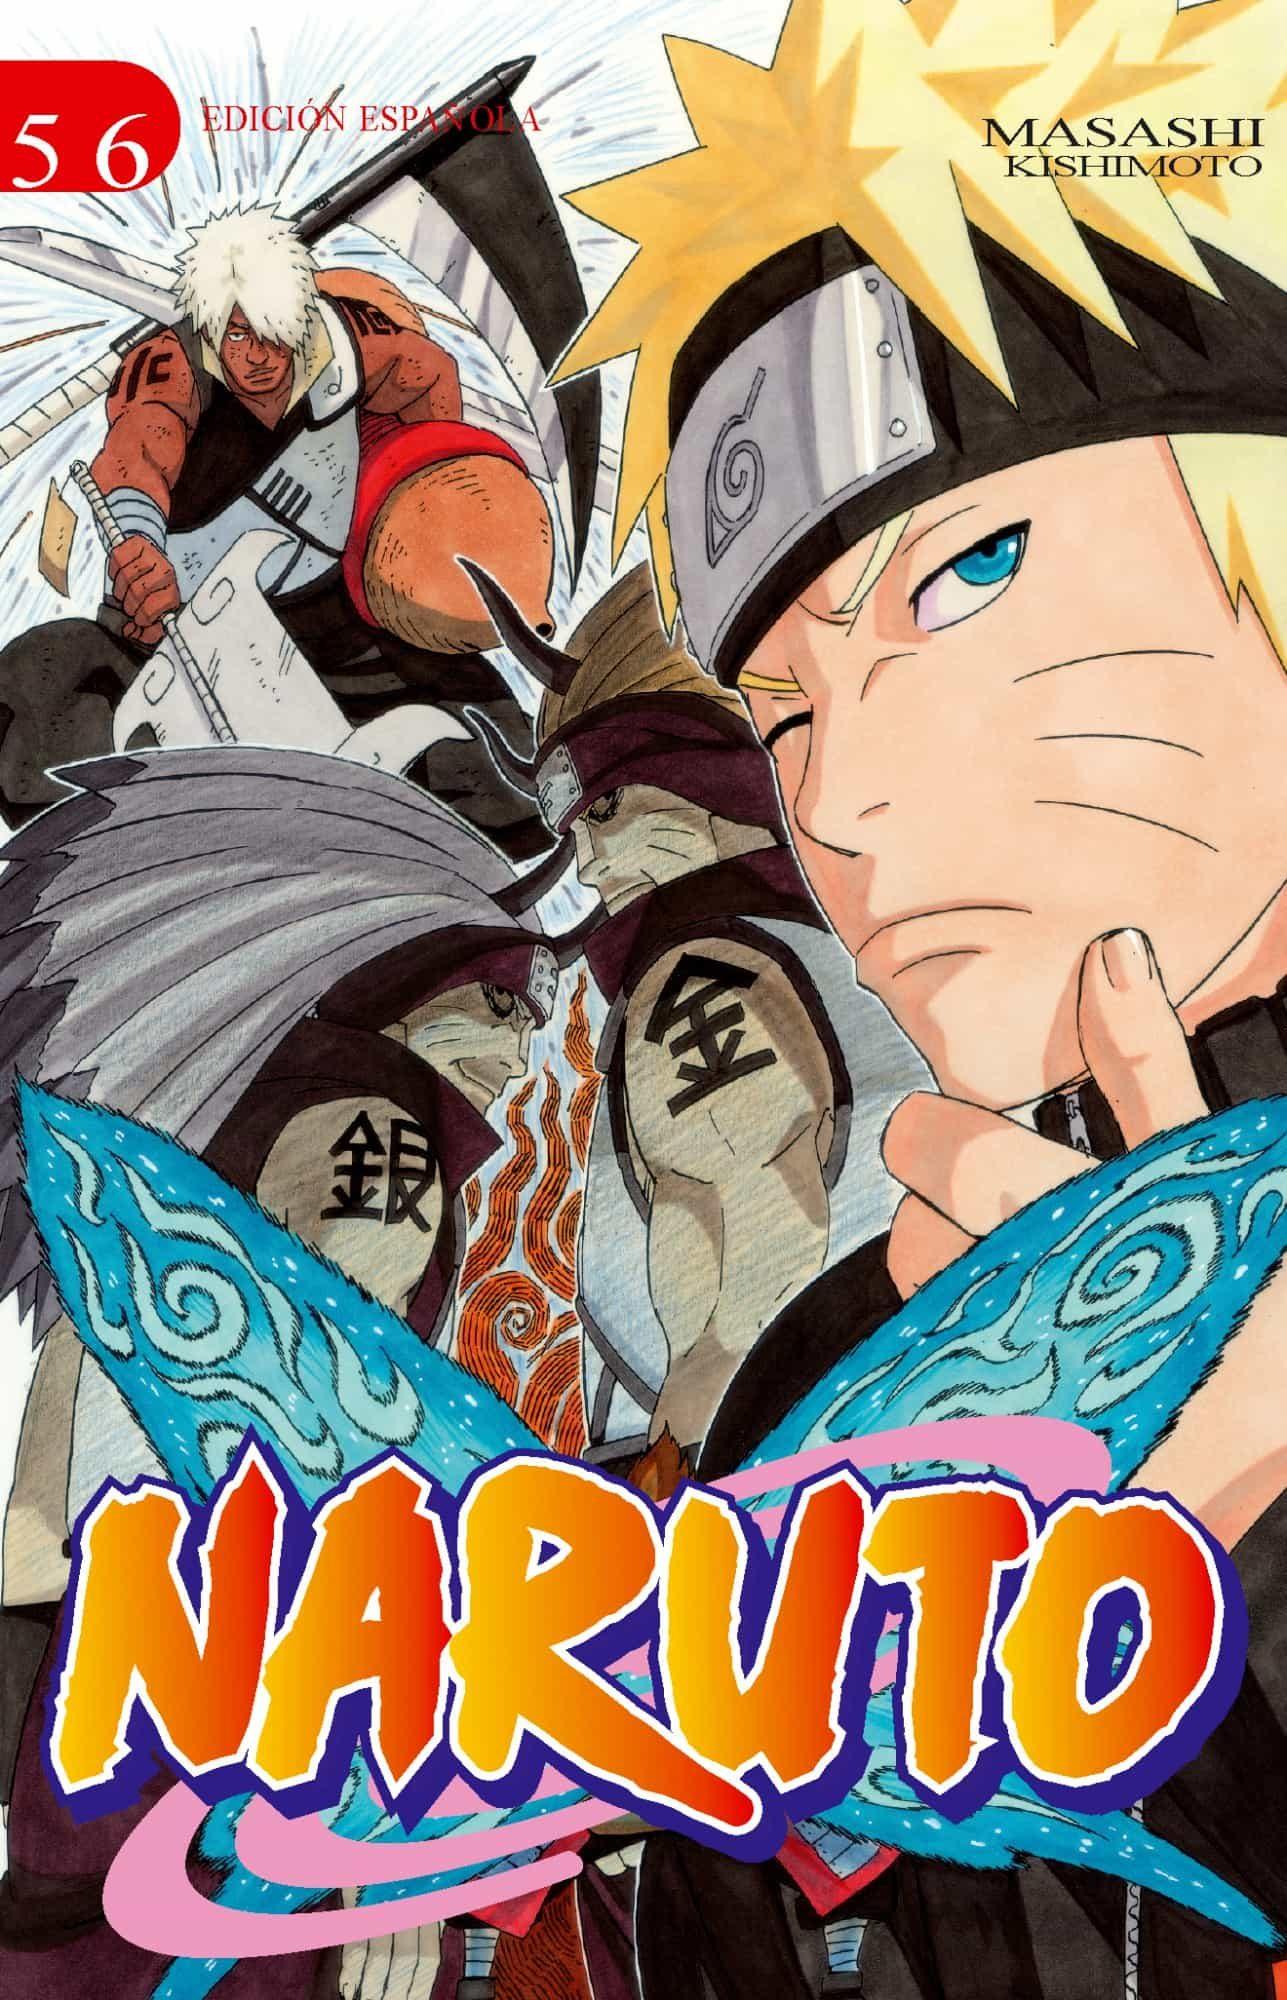 Naruto Nº 56 (de 72) (edt) por Masashi Kishimoto